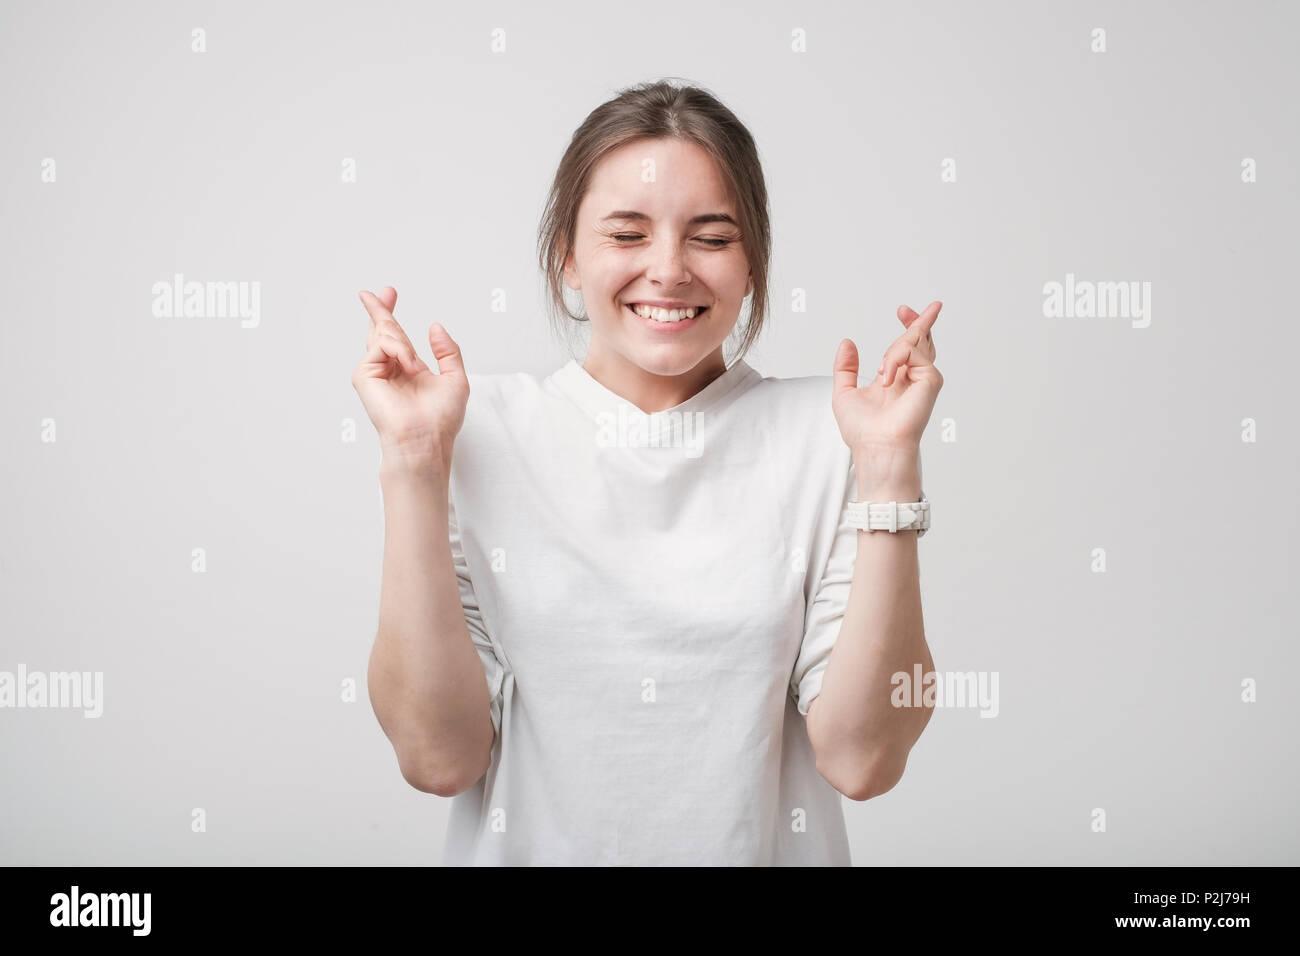 Piscina colpo di attraente ragazza europea in una camicia bianca con sguardo eccitato, mantenendo le dita incrociate a occhi chiusi. Lei ha bisogno di una buona fortuna prima di andare a Immagini Stock